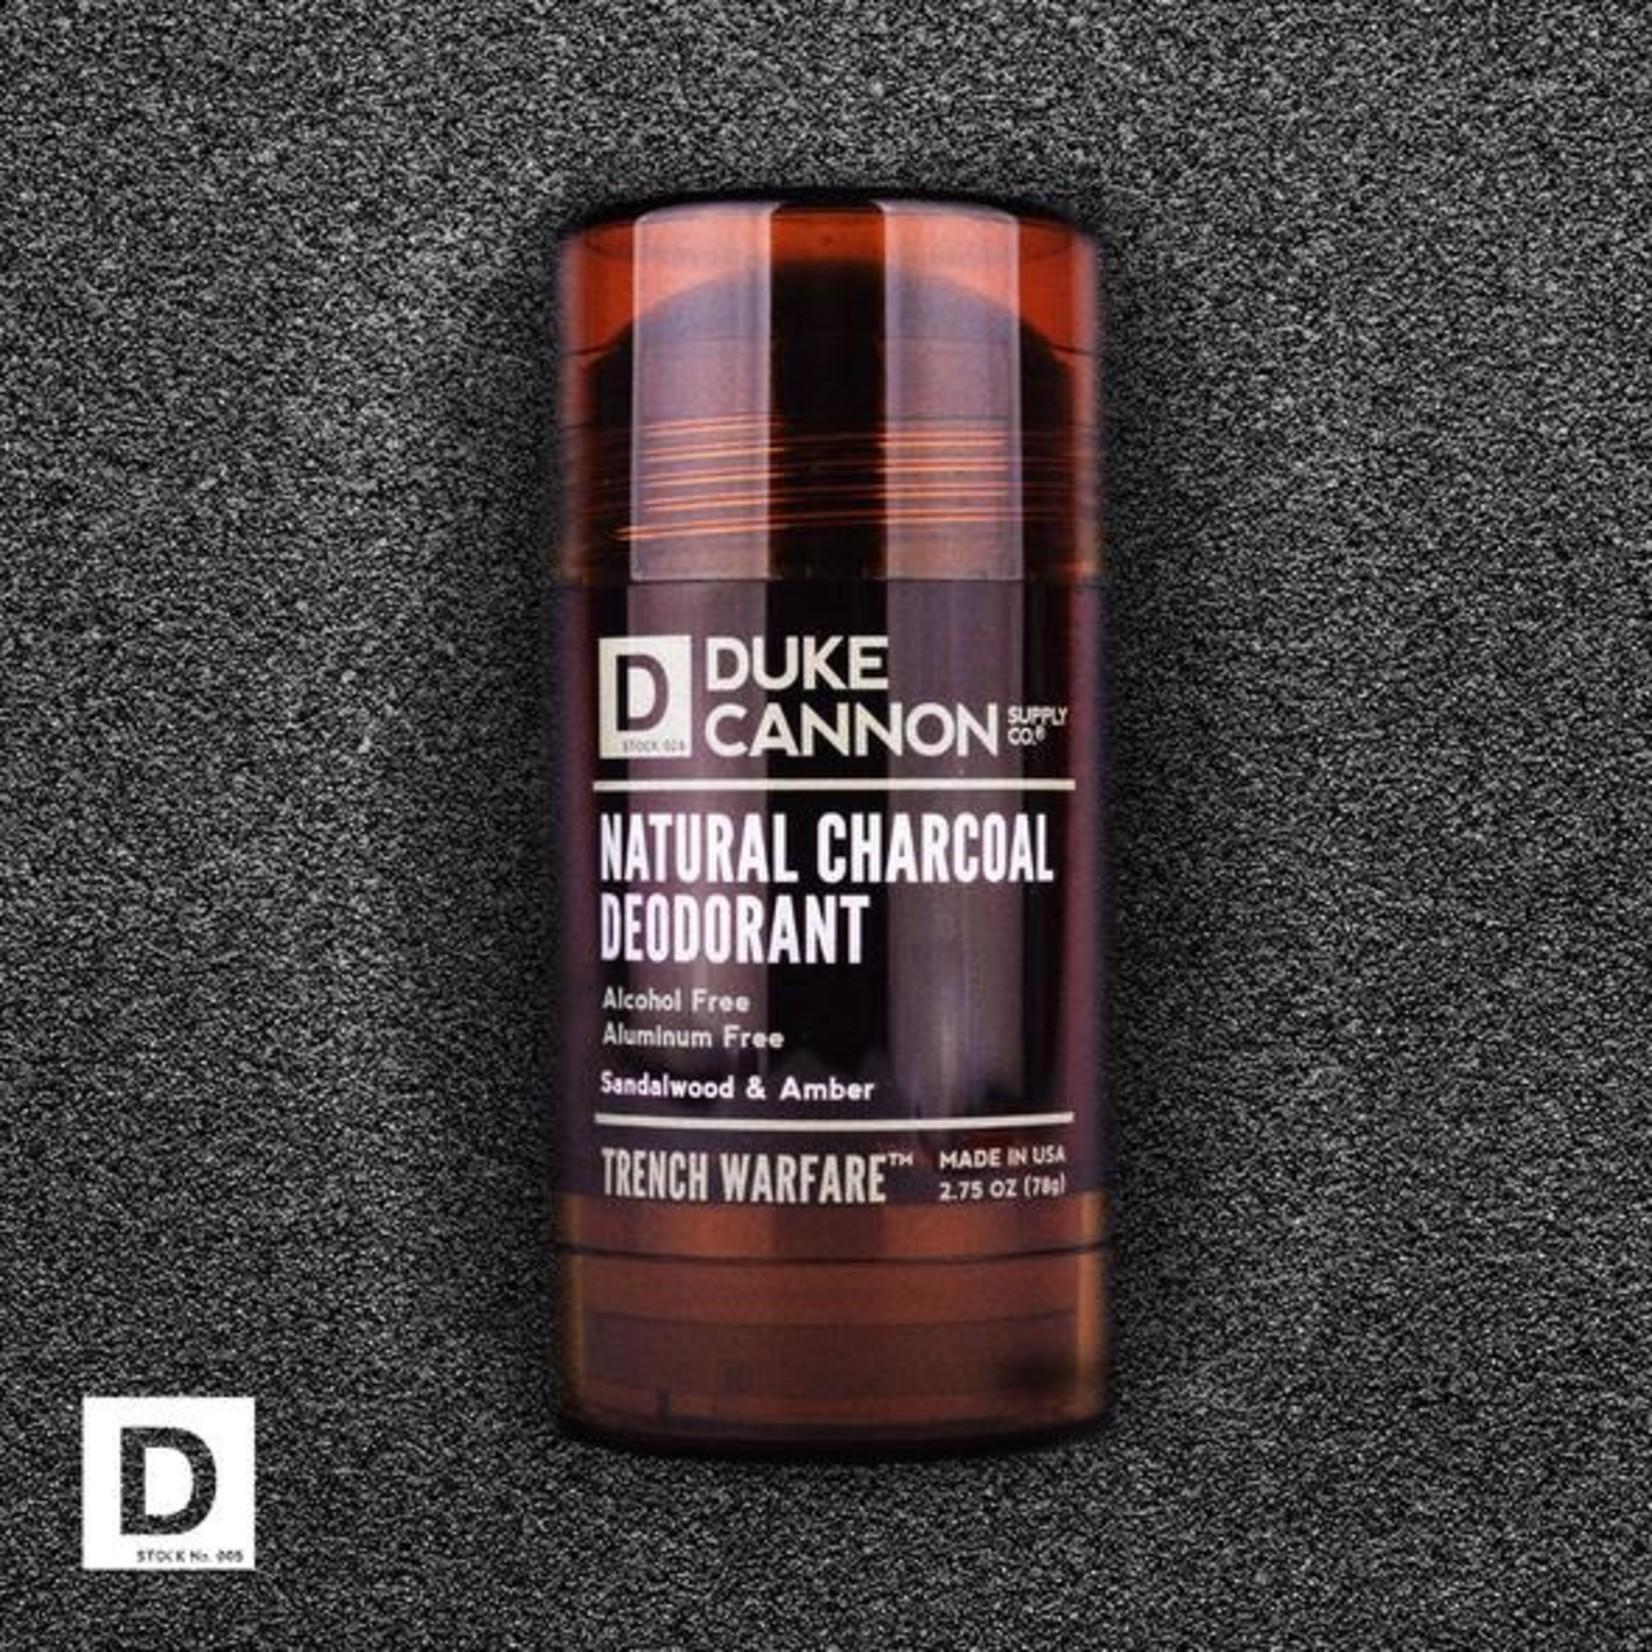 Duke Cannon Supply Co. Duke Cannon Trench Warfare Natural Charcoal Deodorant